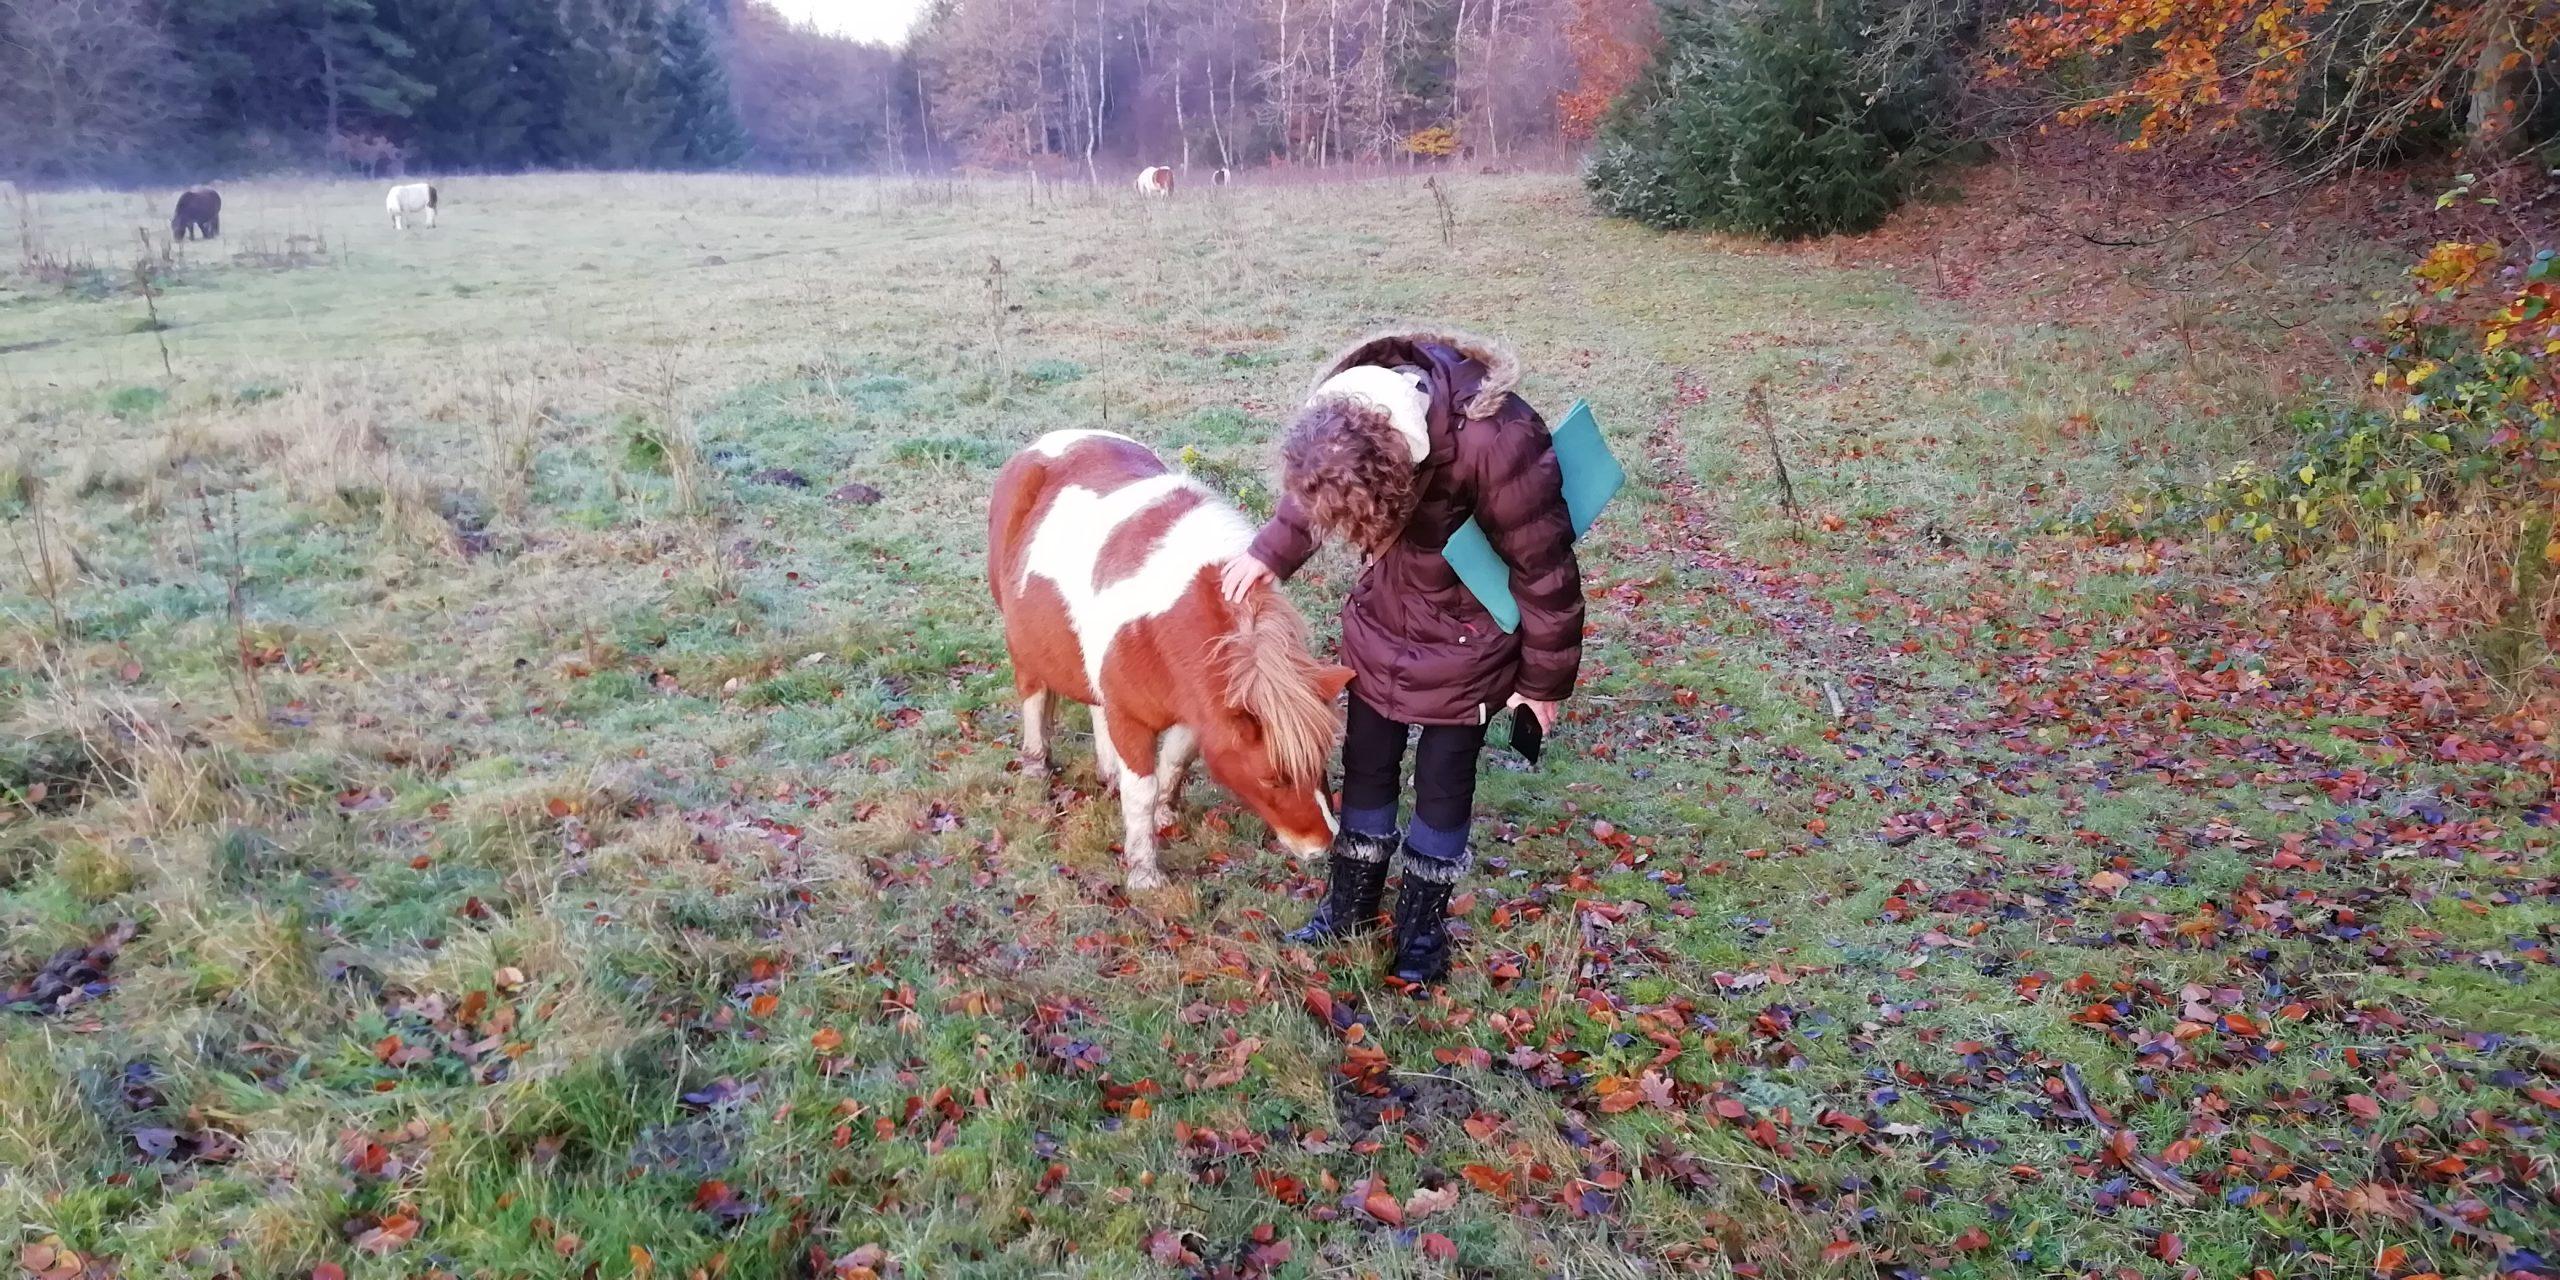 Introduktion til privat hjemmeside for Pia Bjerre Christensen. Foto fra Vejle Ådal i område med ponyer til naturpleje